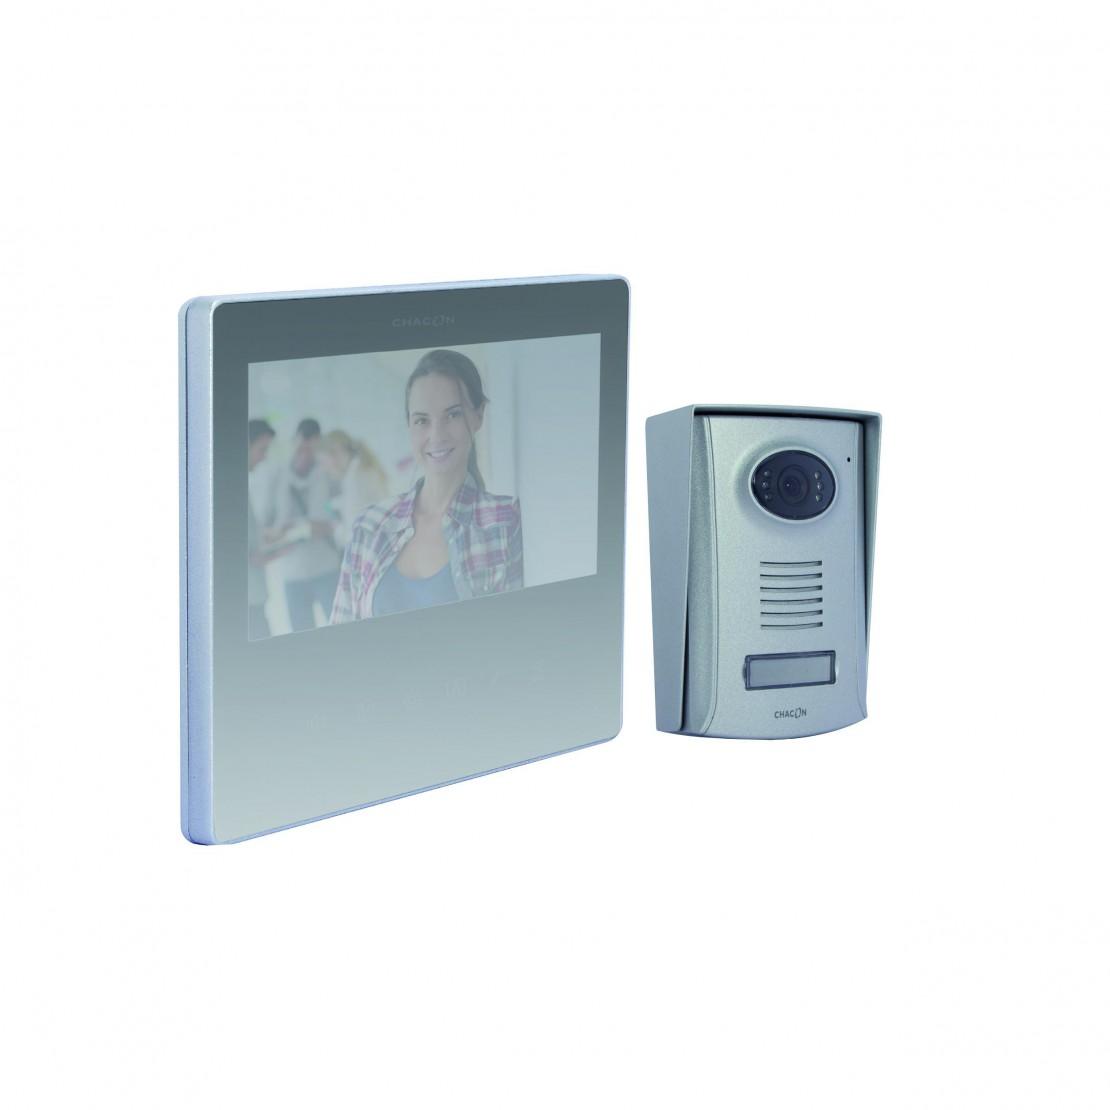 Videofoon met 2-draadsaansluiting, 7 inch, spiegelfunctie, Ultra Slim